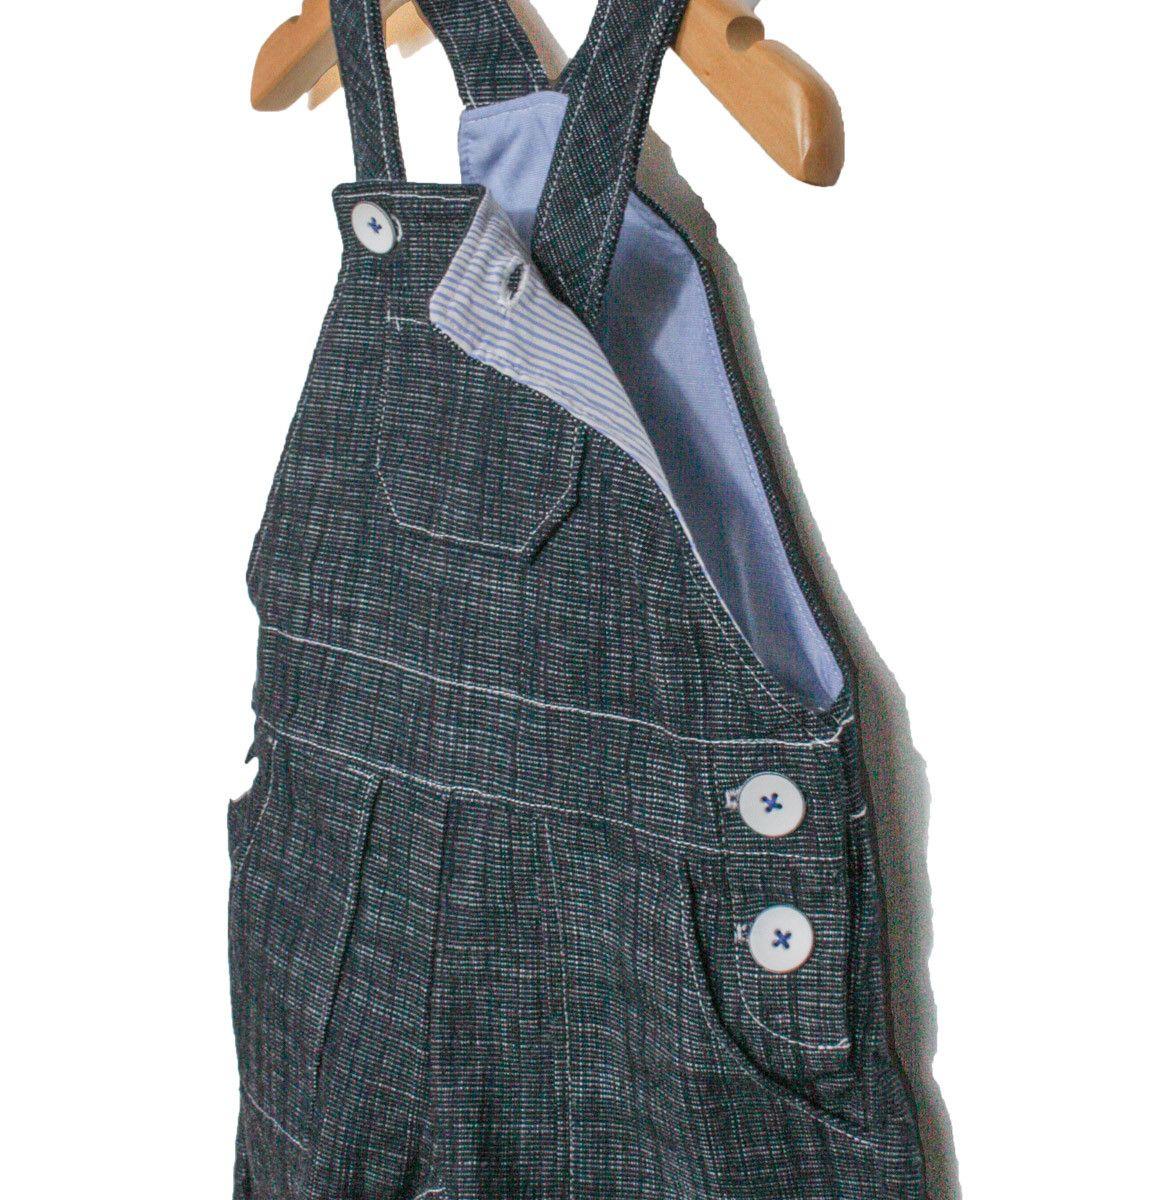 328d8131b0566 Patron de Couture. Bébé Garçon. La salopette longue en jean confortable et  pratique. Un classique de la garde-robe des petits. Coupe droite.